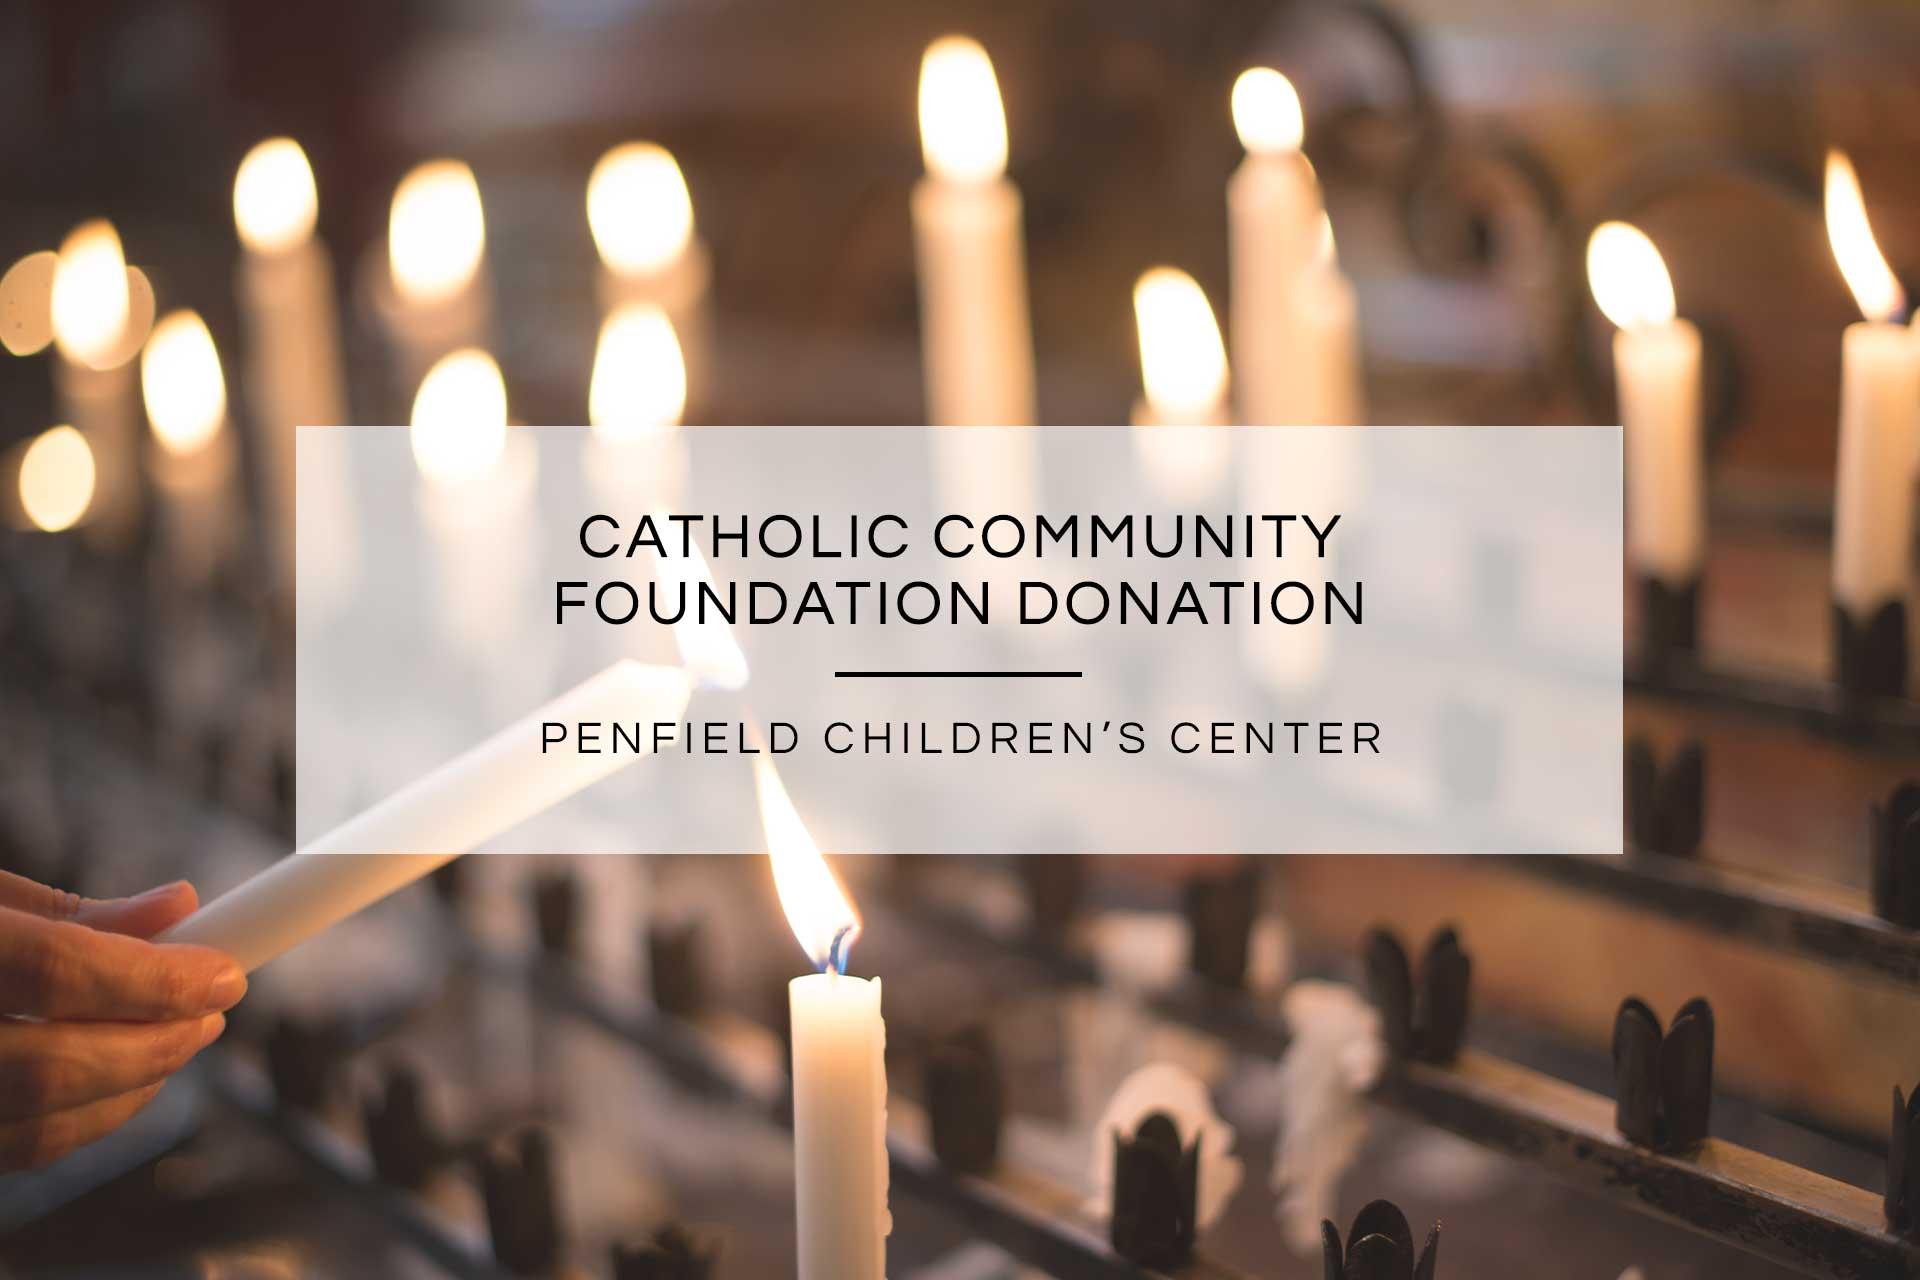 Catholic-community-foundation